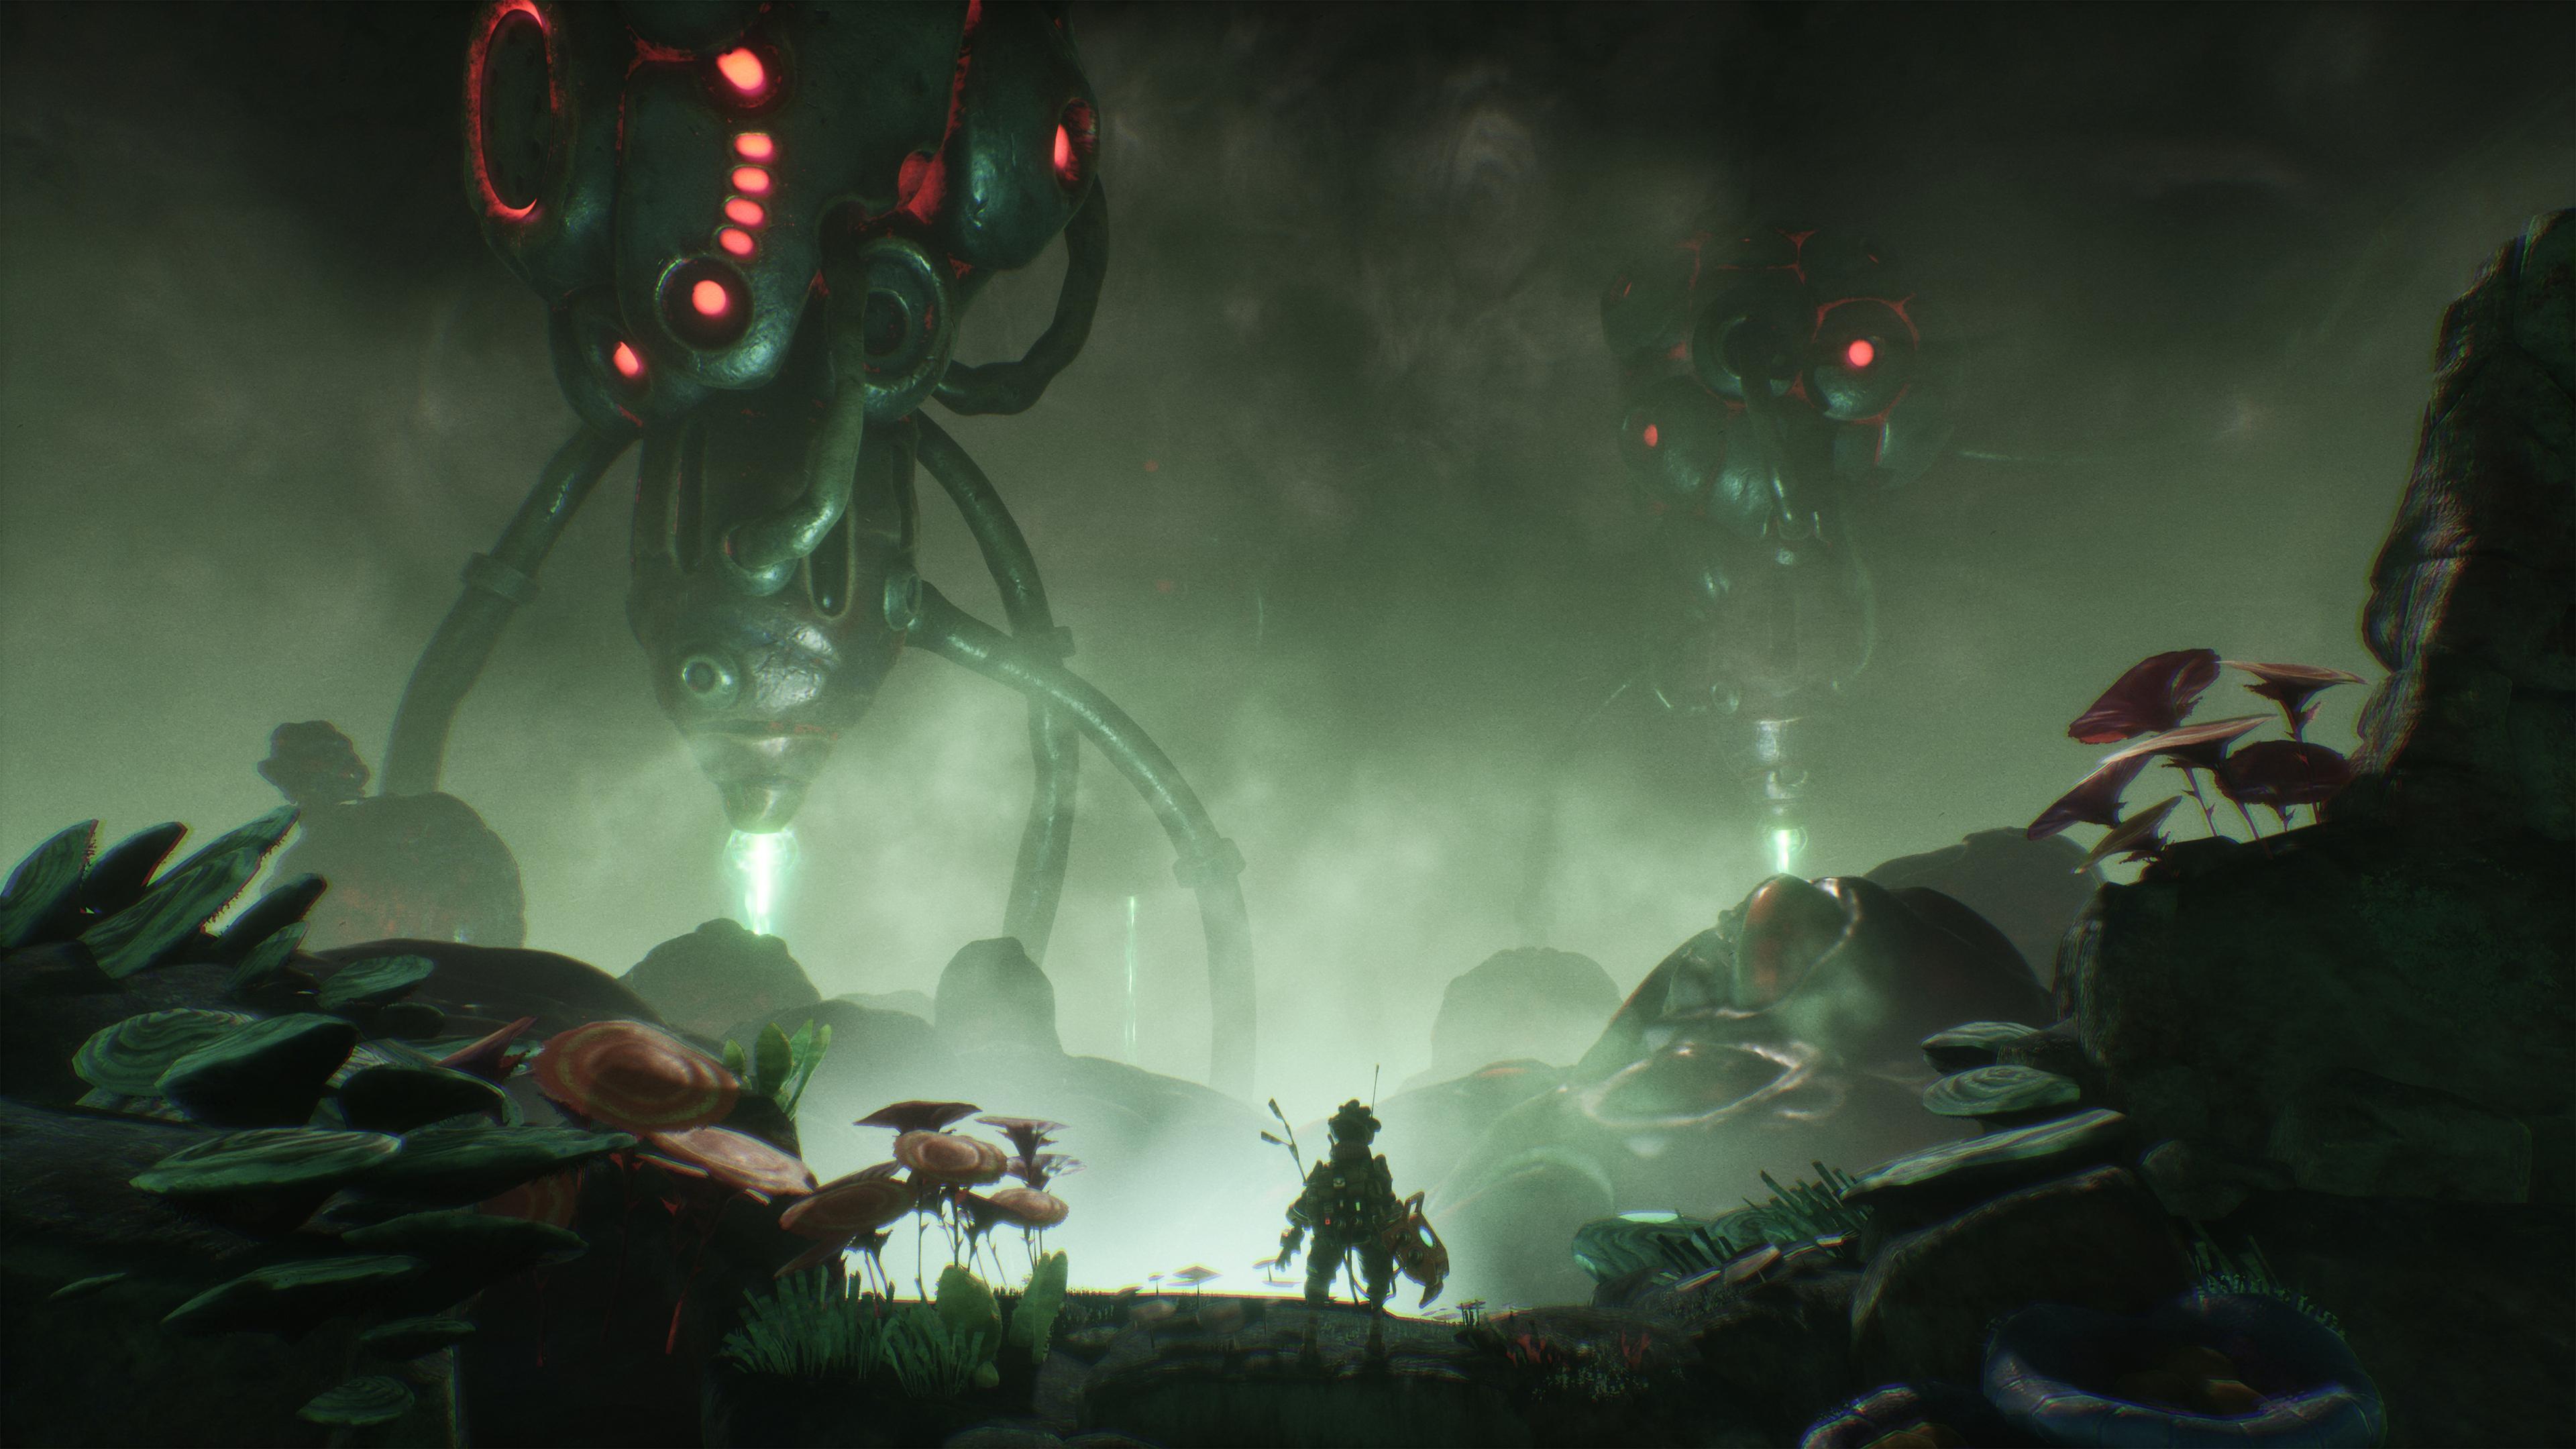 Thunderful: The Gunk släpps endast till PC och Xbox